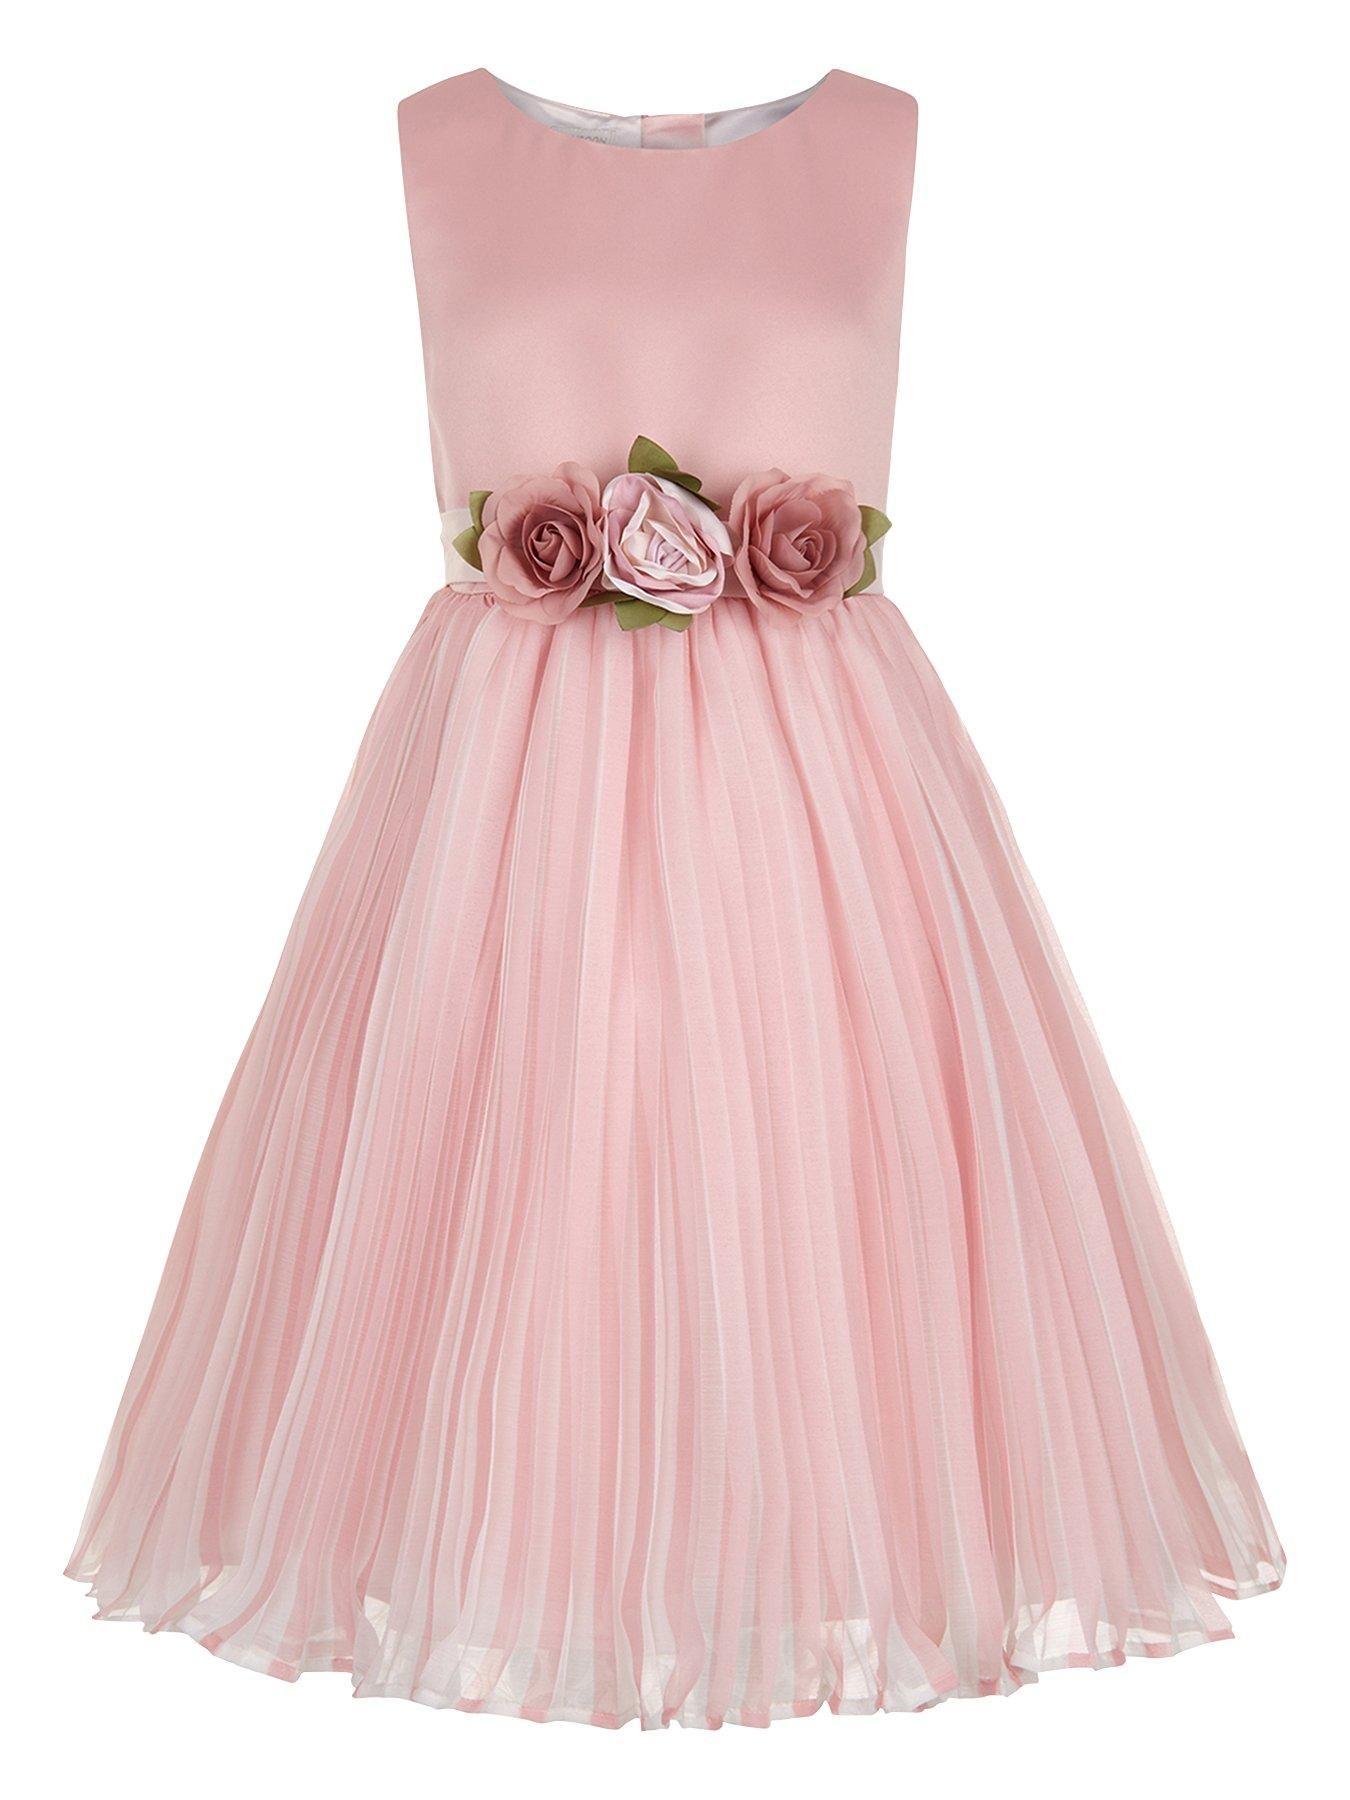 Littlewoods dresses for weddings  Marilyn Stripe Dress